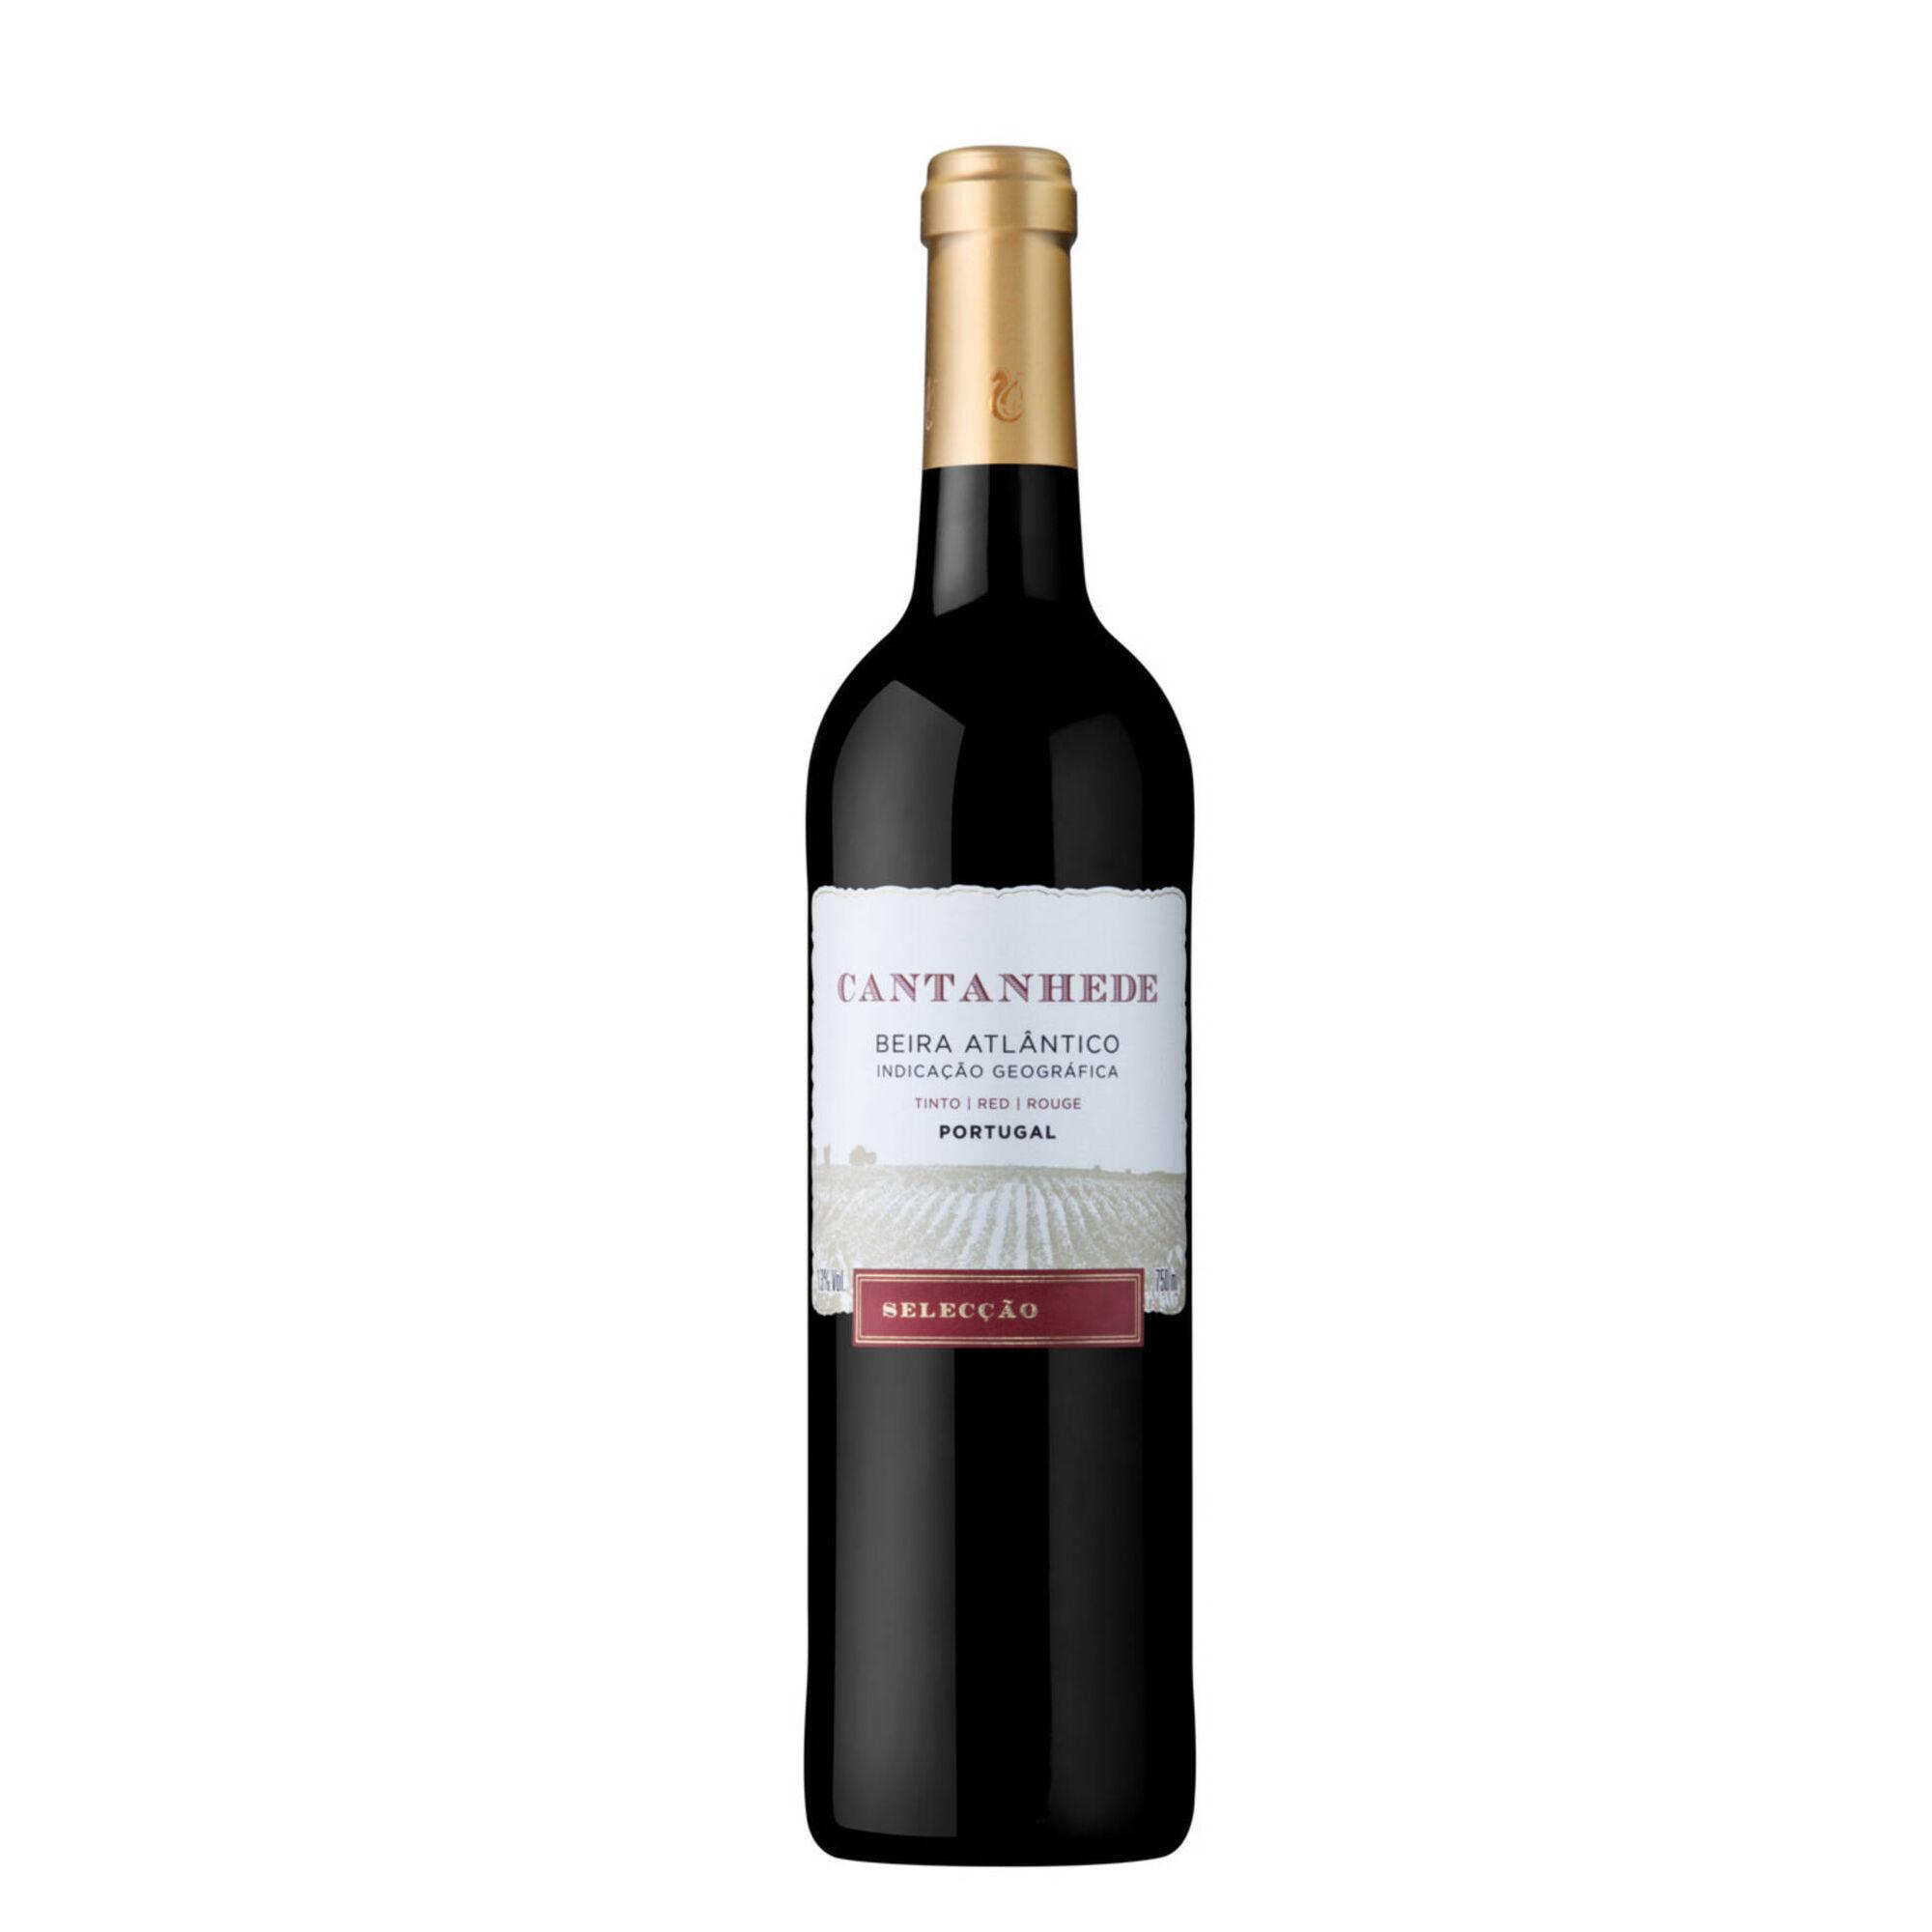 Cantanhede Seleção Regional Beira Atlântico Vinho Tinto